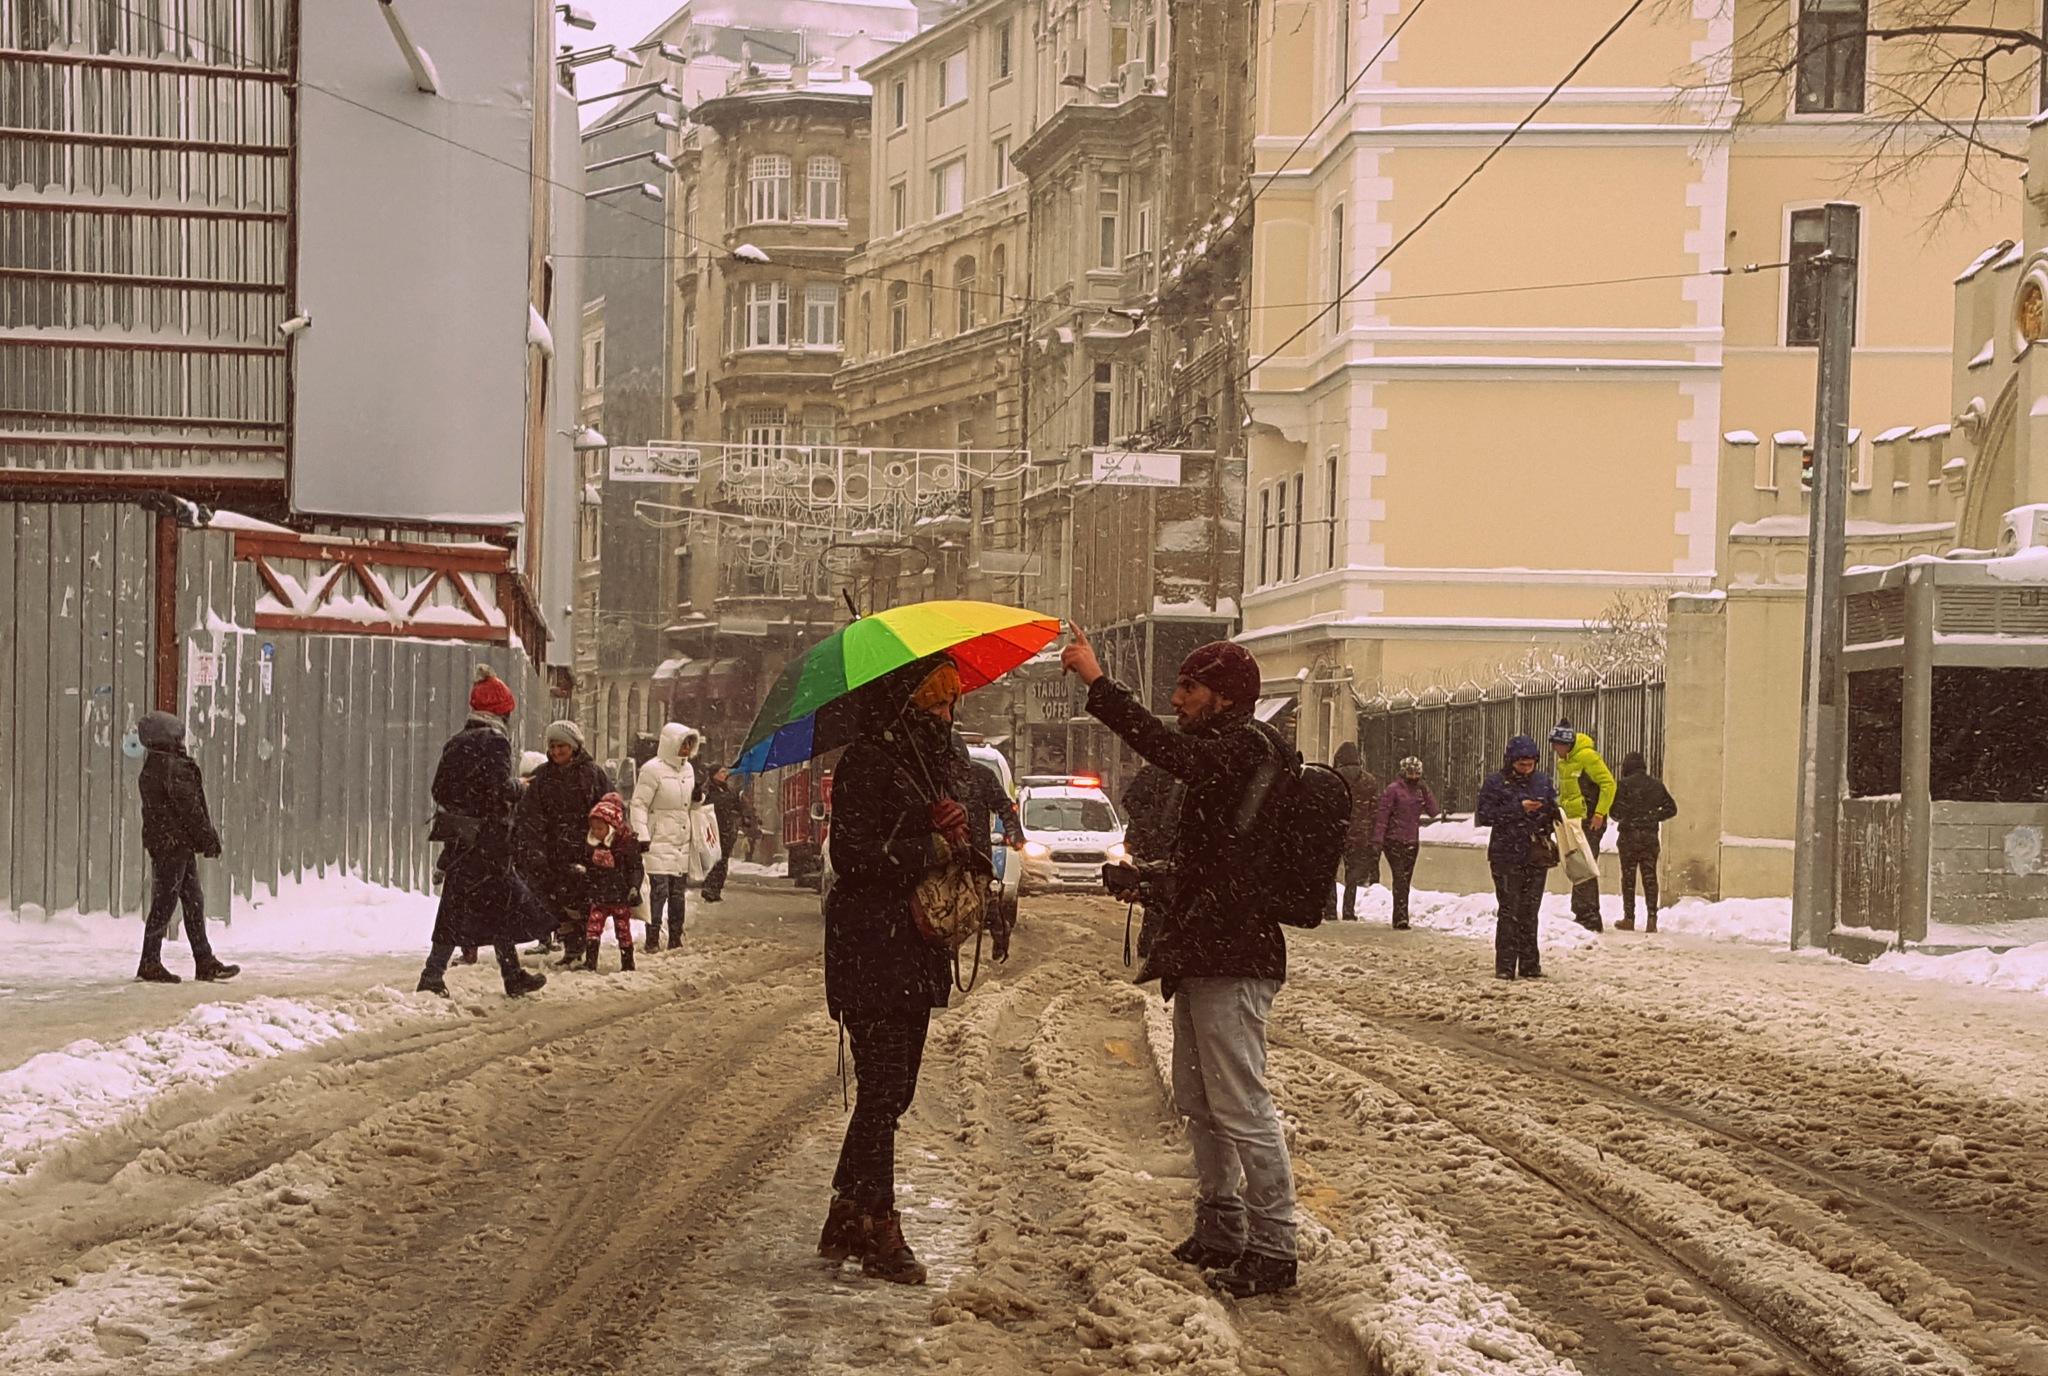 Şemsiyeyi düzgün tut fotoğraf çekecem. by syalcin1980